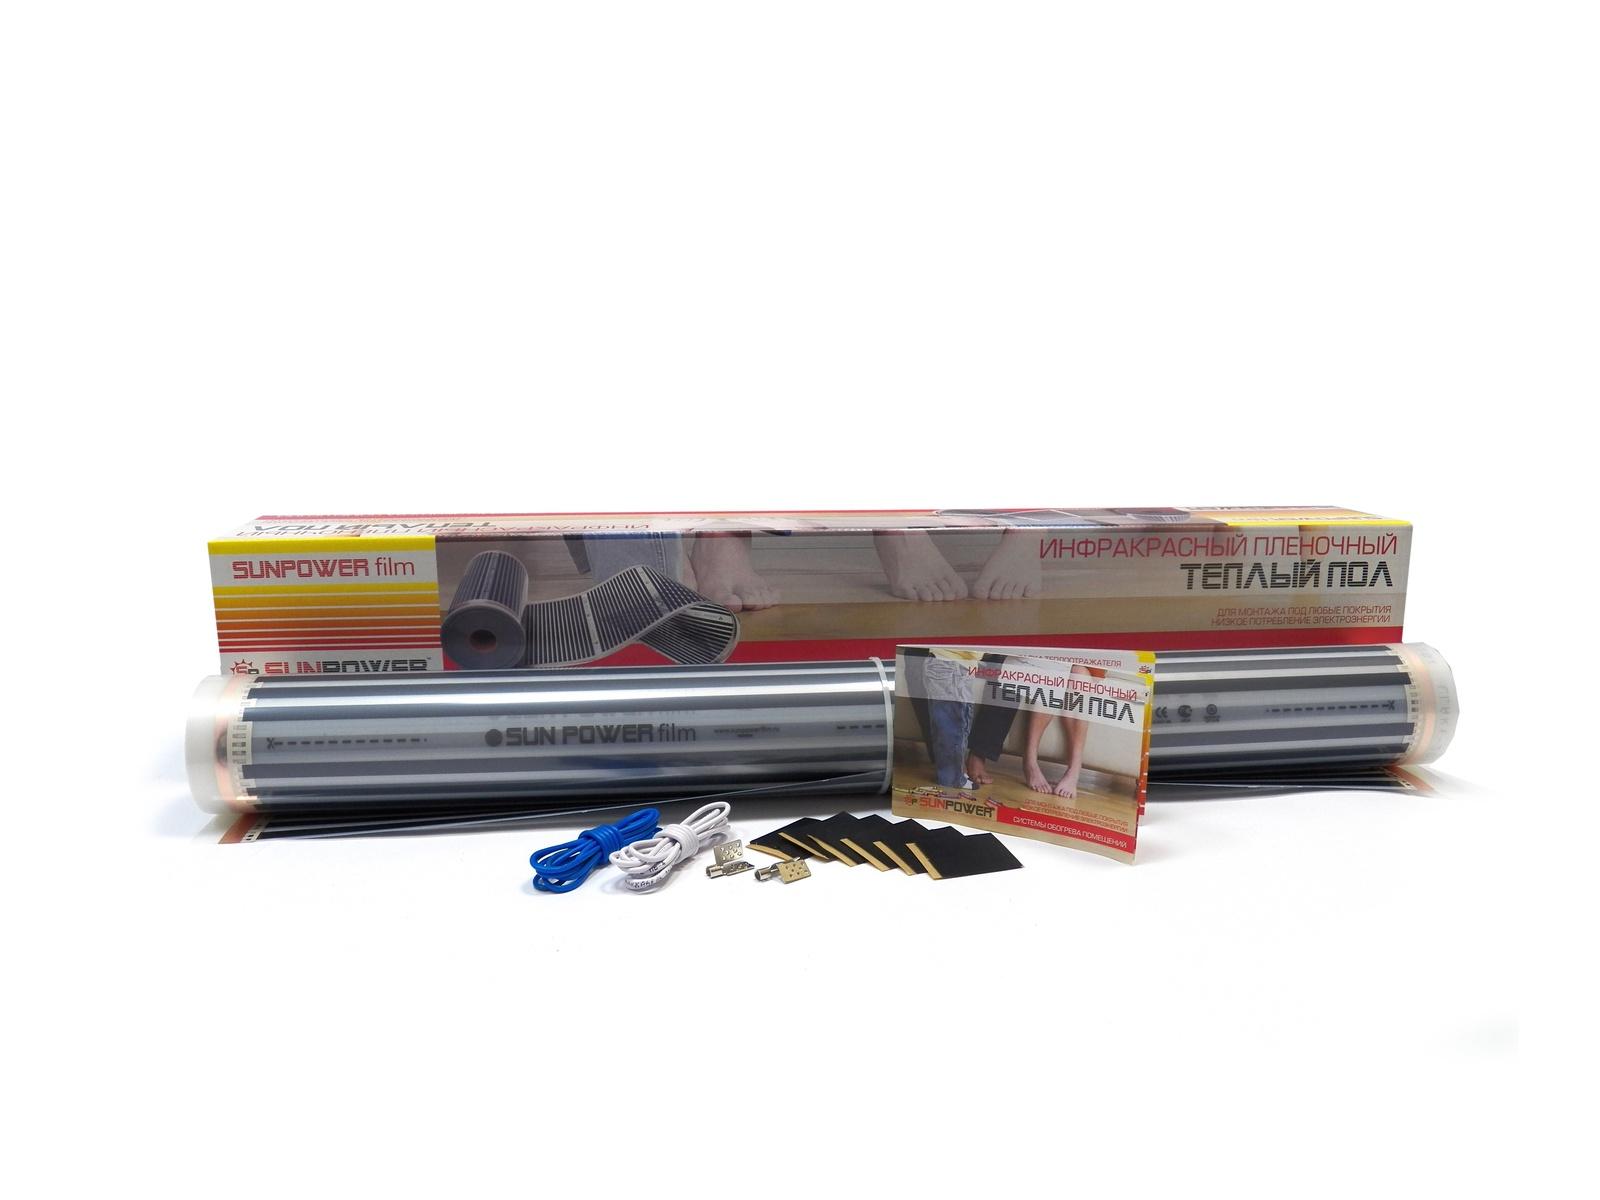 все цены на Комплект теплого пола SunPower SPF 80/220/4, инфракрасный, пленочный, 220Вт, 80 см, 4 м онлайн